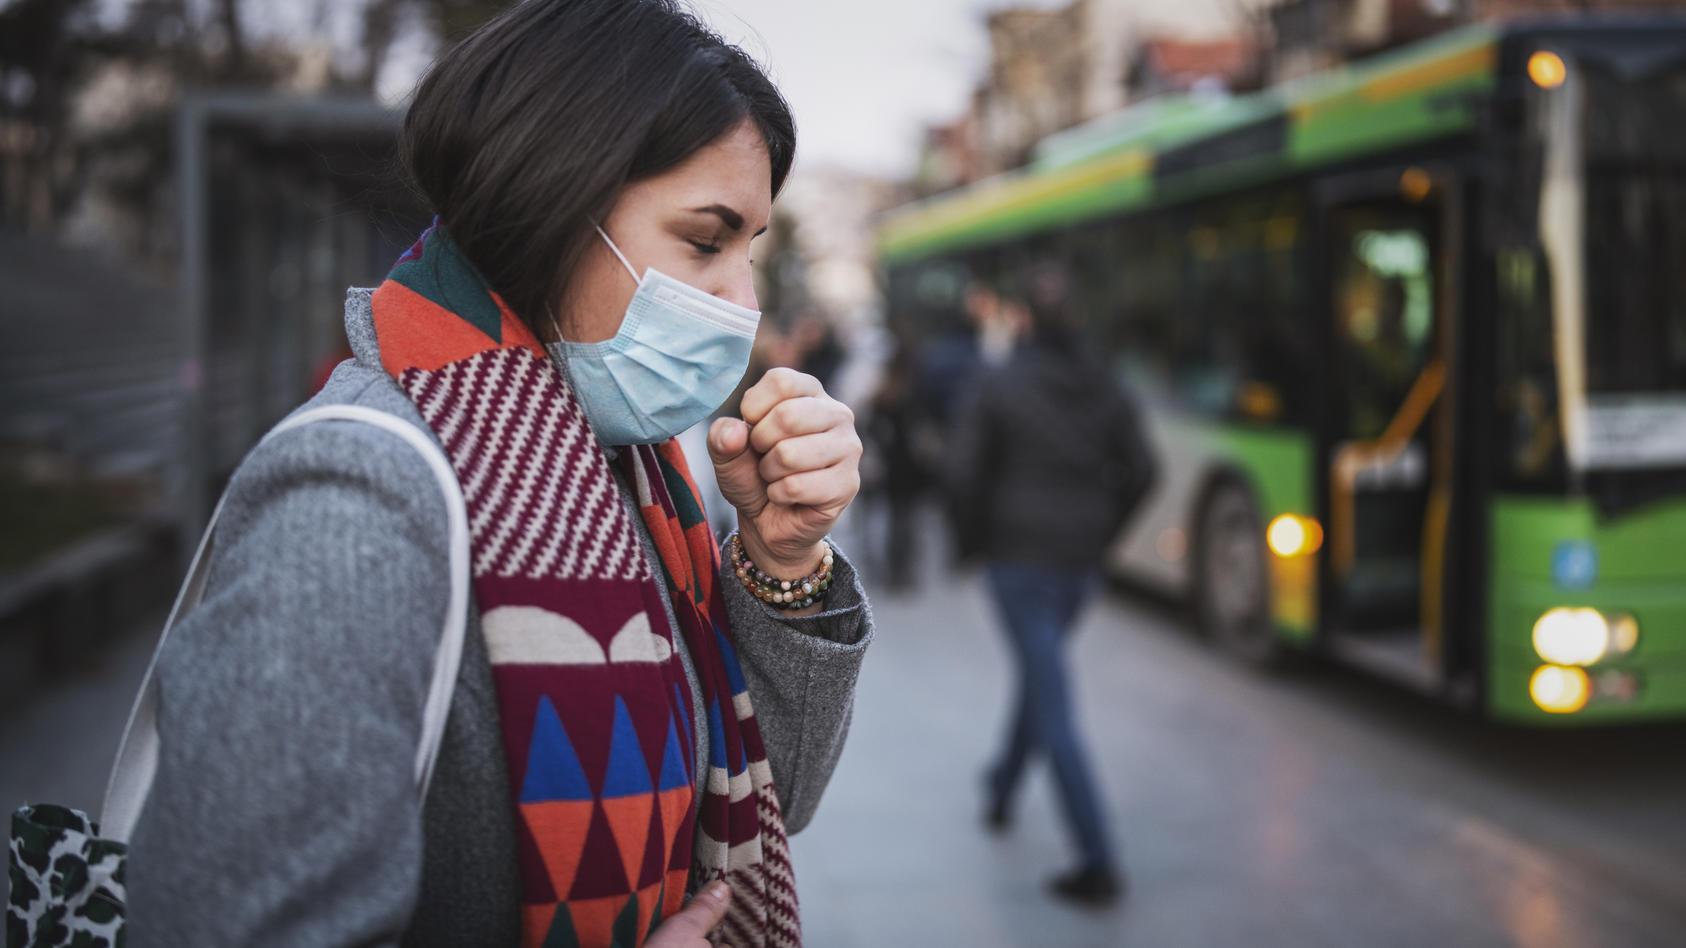 Schweizer Forscher haben herausgefunden, dass Corona-Infizierte offenbar früher ansteckend sind, als man bisher dachte. Müssen nun mehr Menschen in Quarantäne?